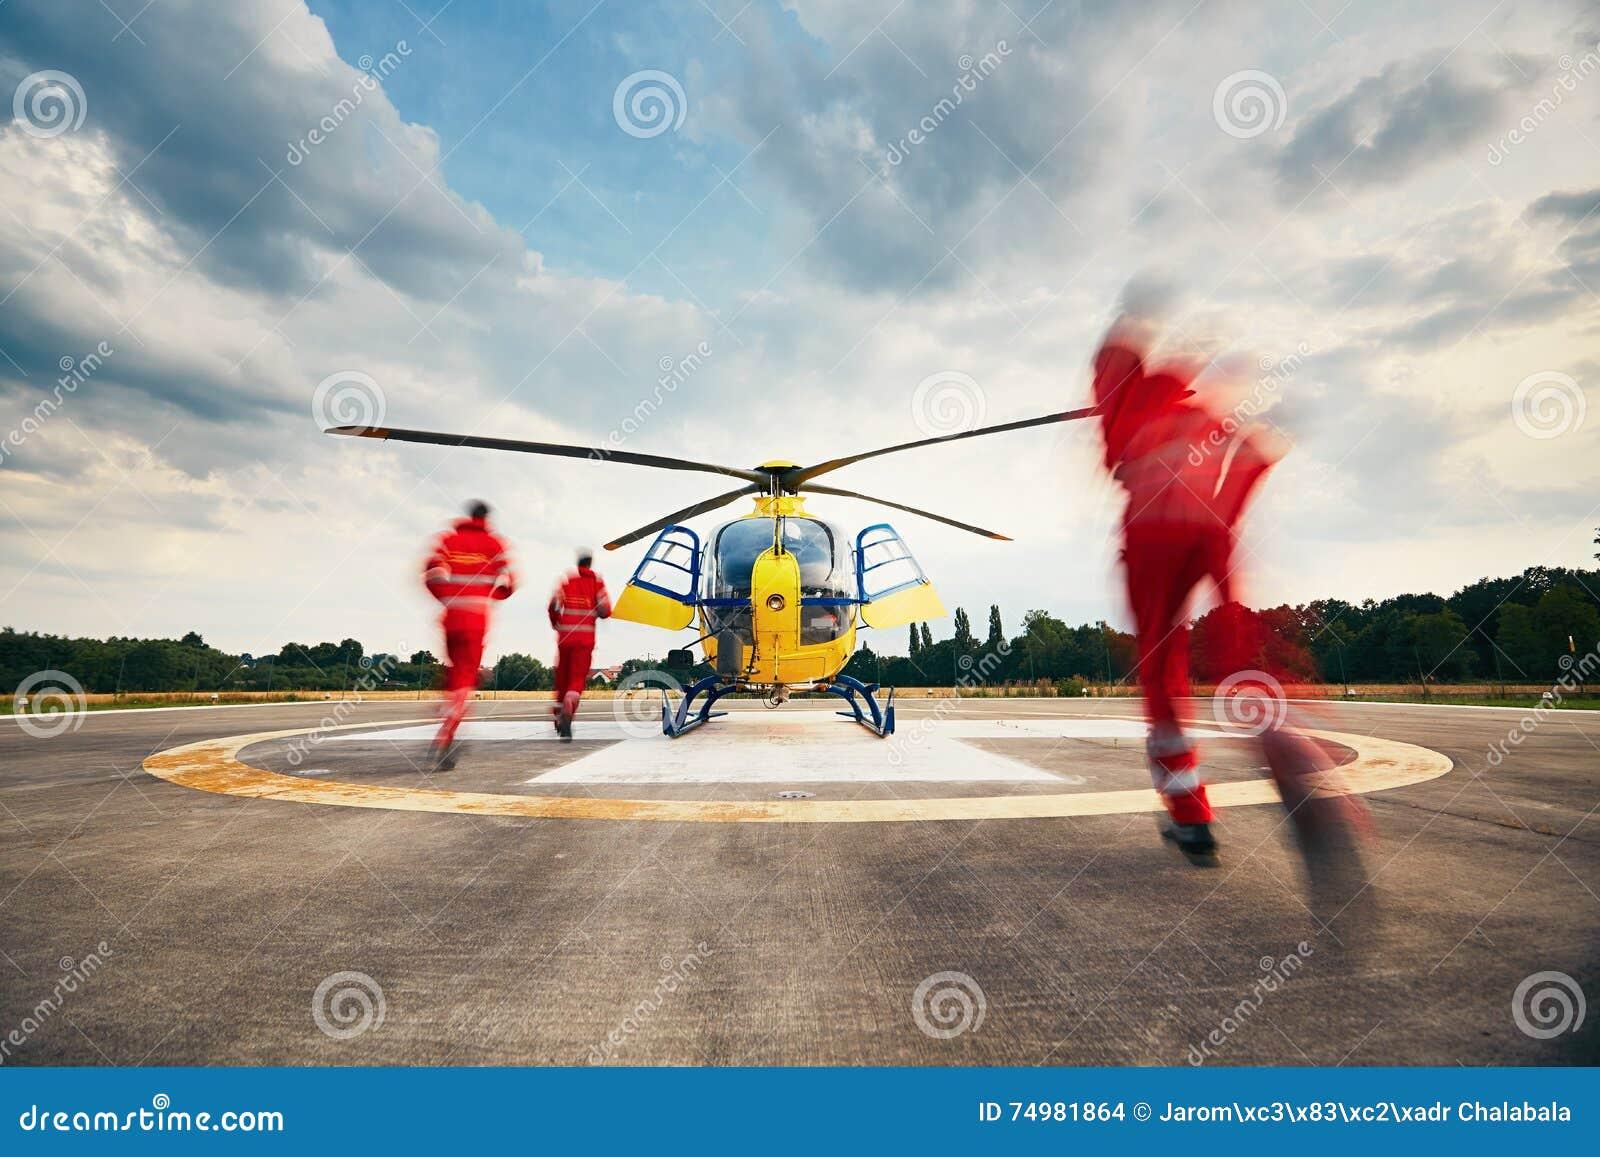 Servicio de rescate de aire